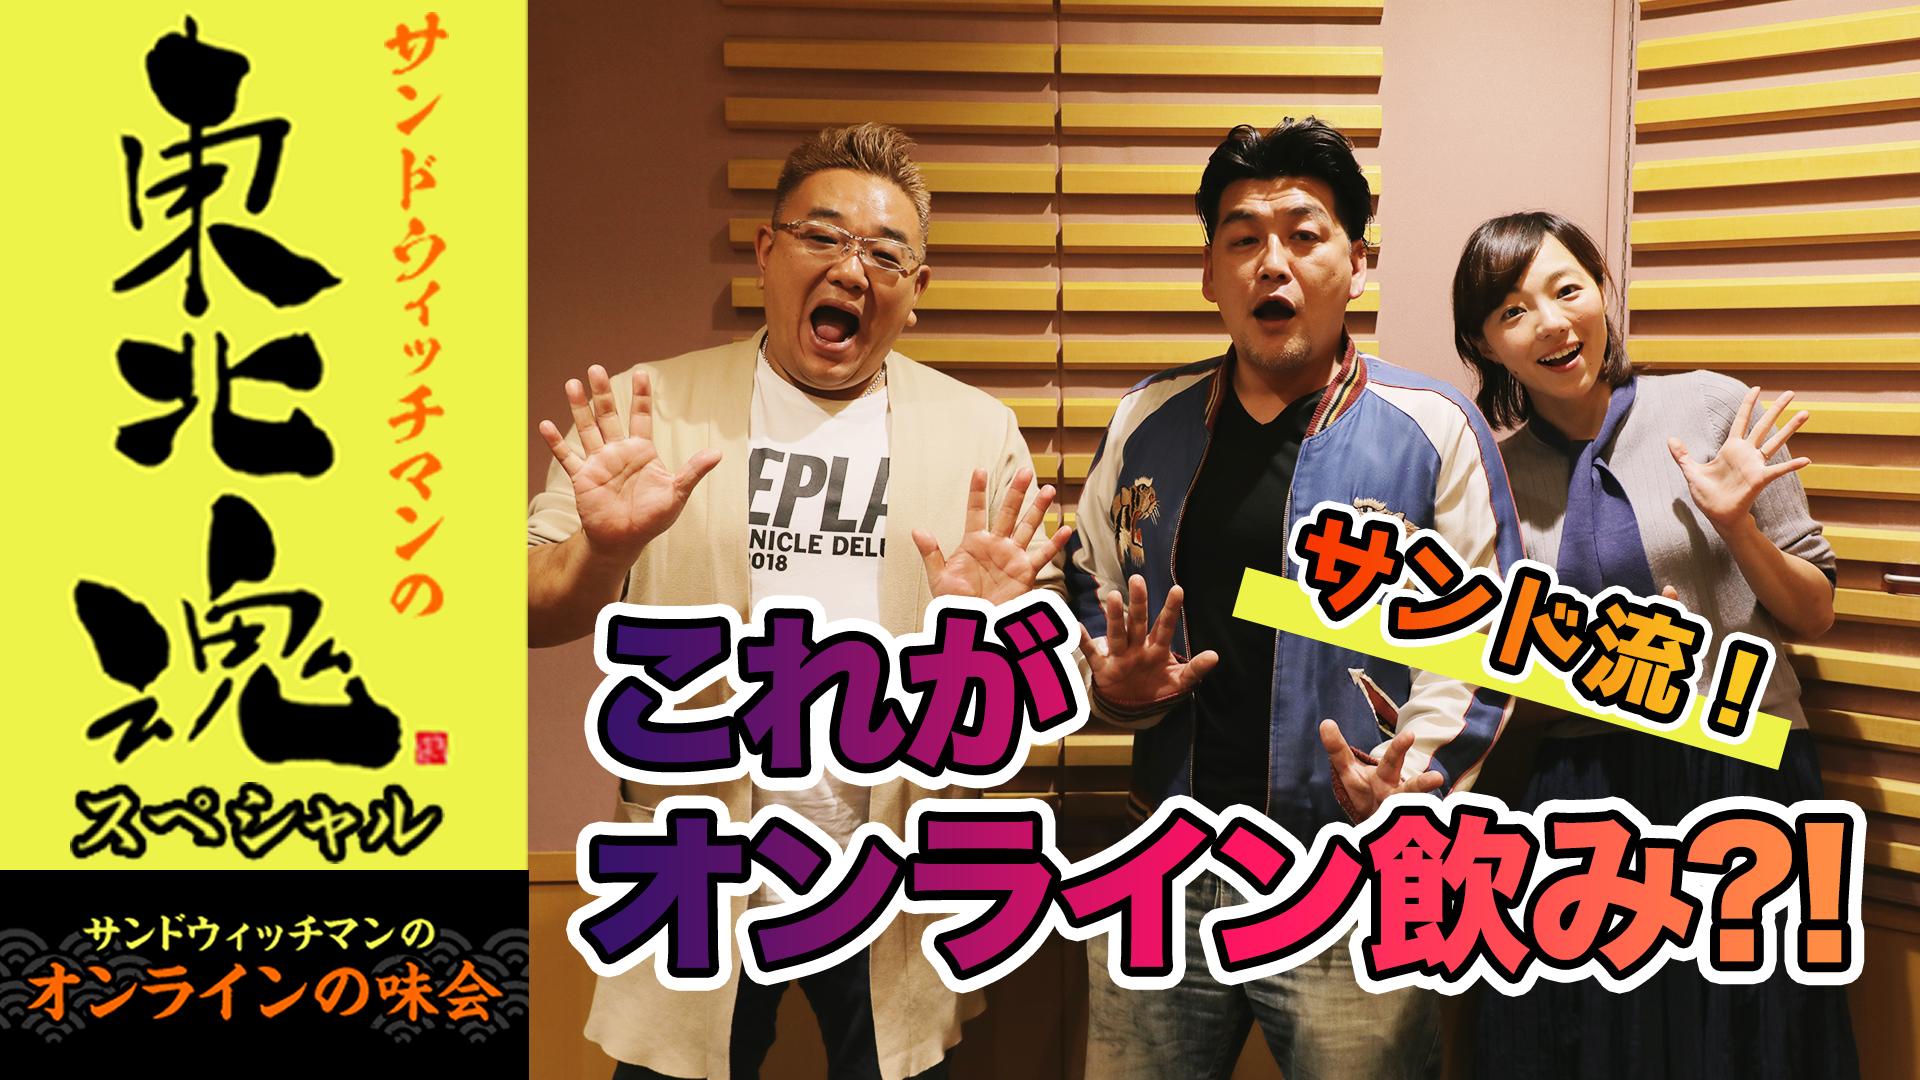 5月24日放送「東北魂スペシャル  サンドウィッチマンのオンラインの味会」スタジオ映像が公開!